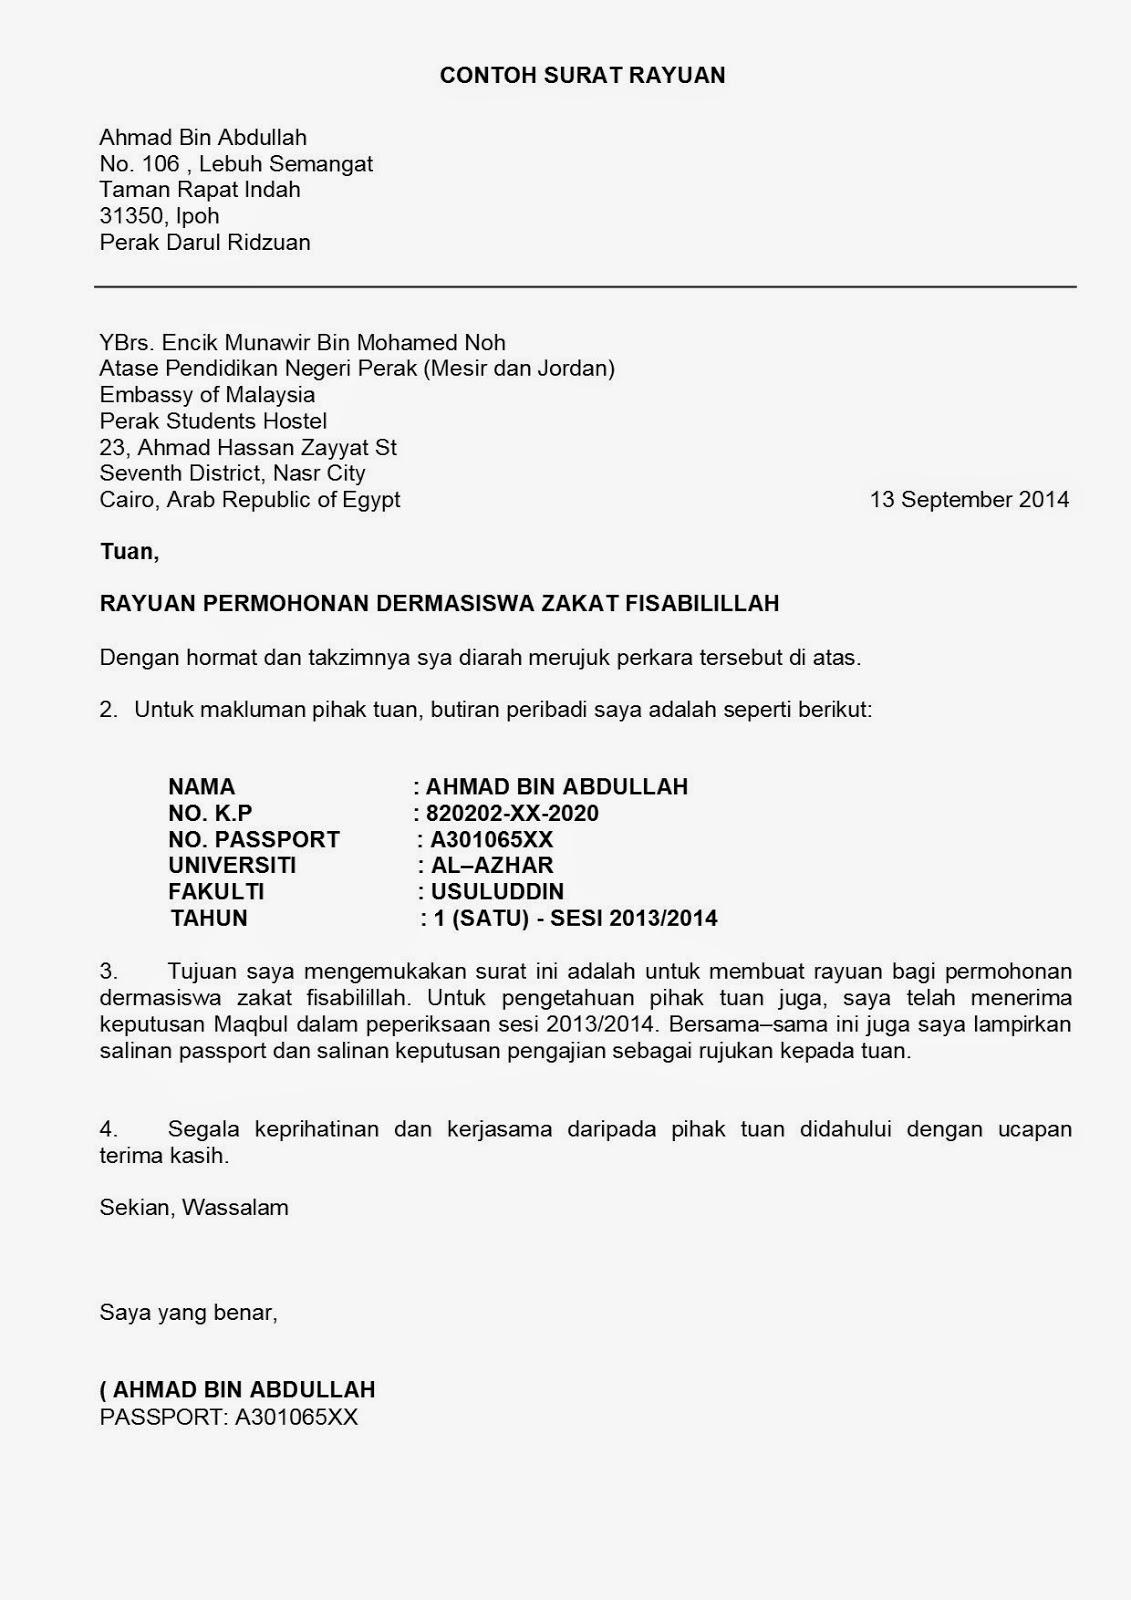 Laman Kpipm Tuntutan Dan Rayuan Dermasiswa Fisabilillah Maipk 2013